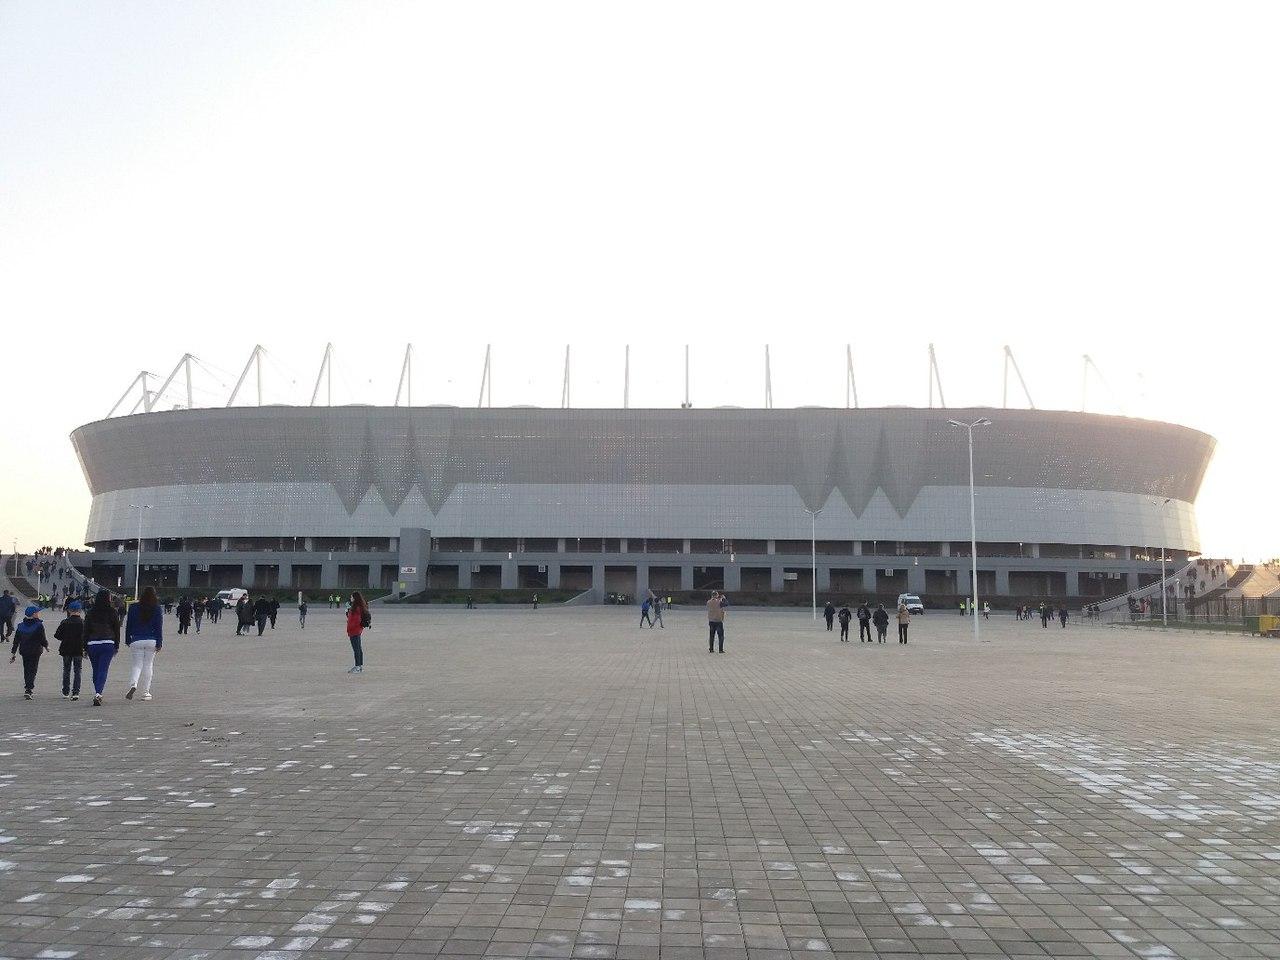 Во время ЧМ-2018 стадион будет вмещать 45 тысяч зрителей, после – 37868.